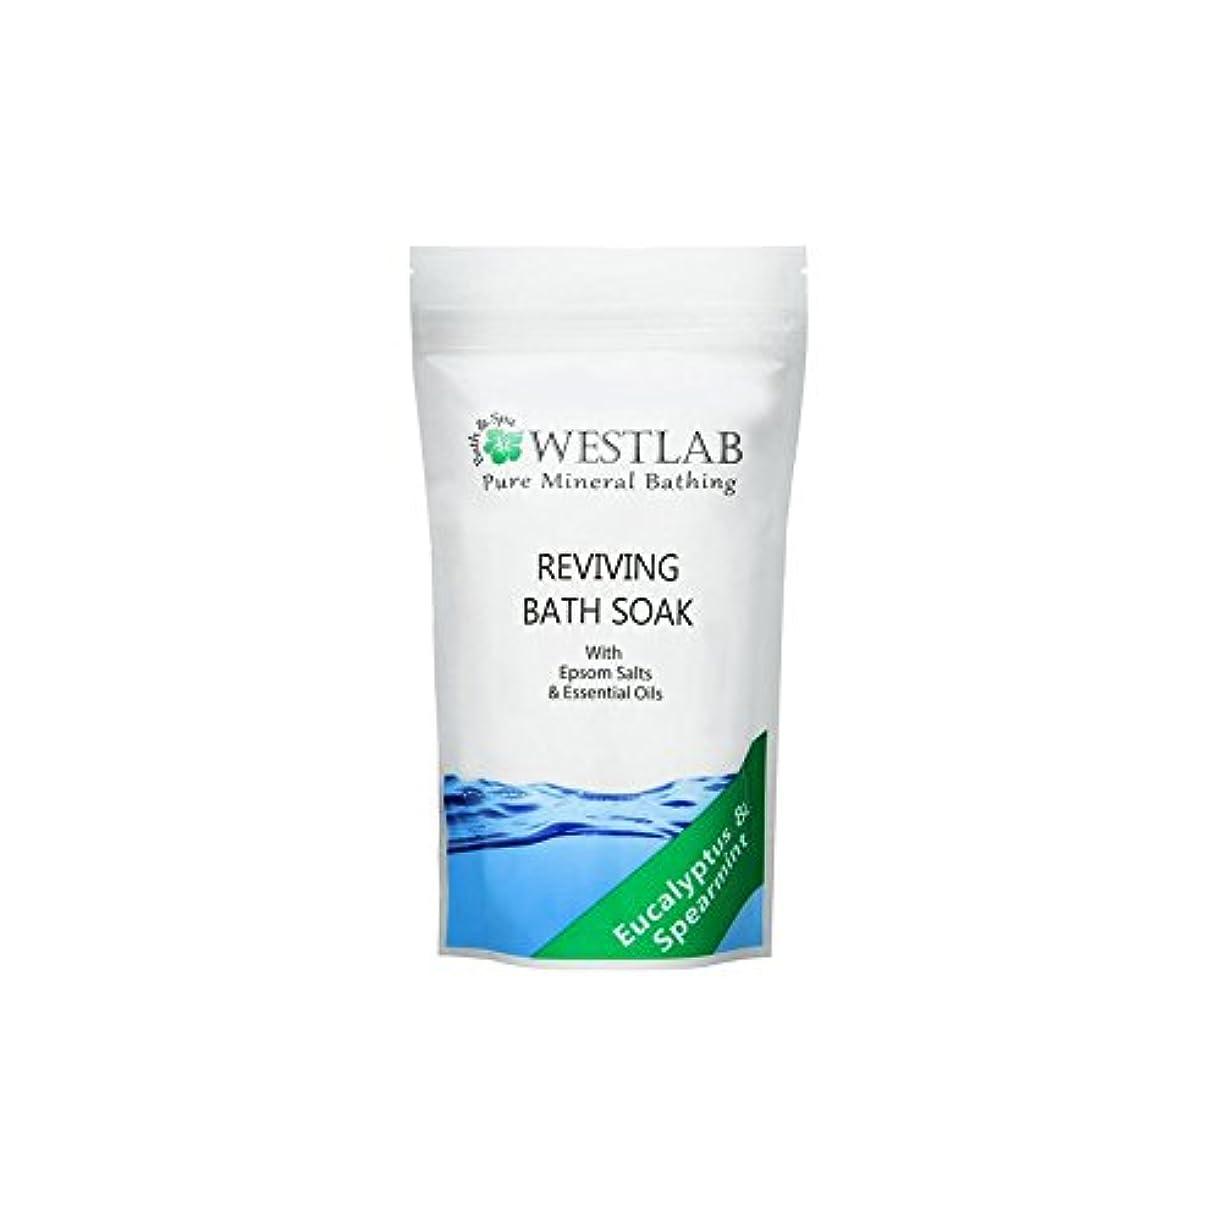 進行中精算リアルWestlab Revive Epsom Salt Bath Soak (500g) (Pack of 6) - (500グラム)をソークエプソム塩浴を復活させます x6 [並行輸入品]